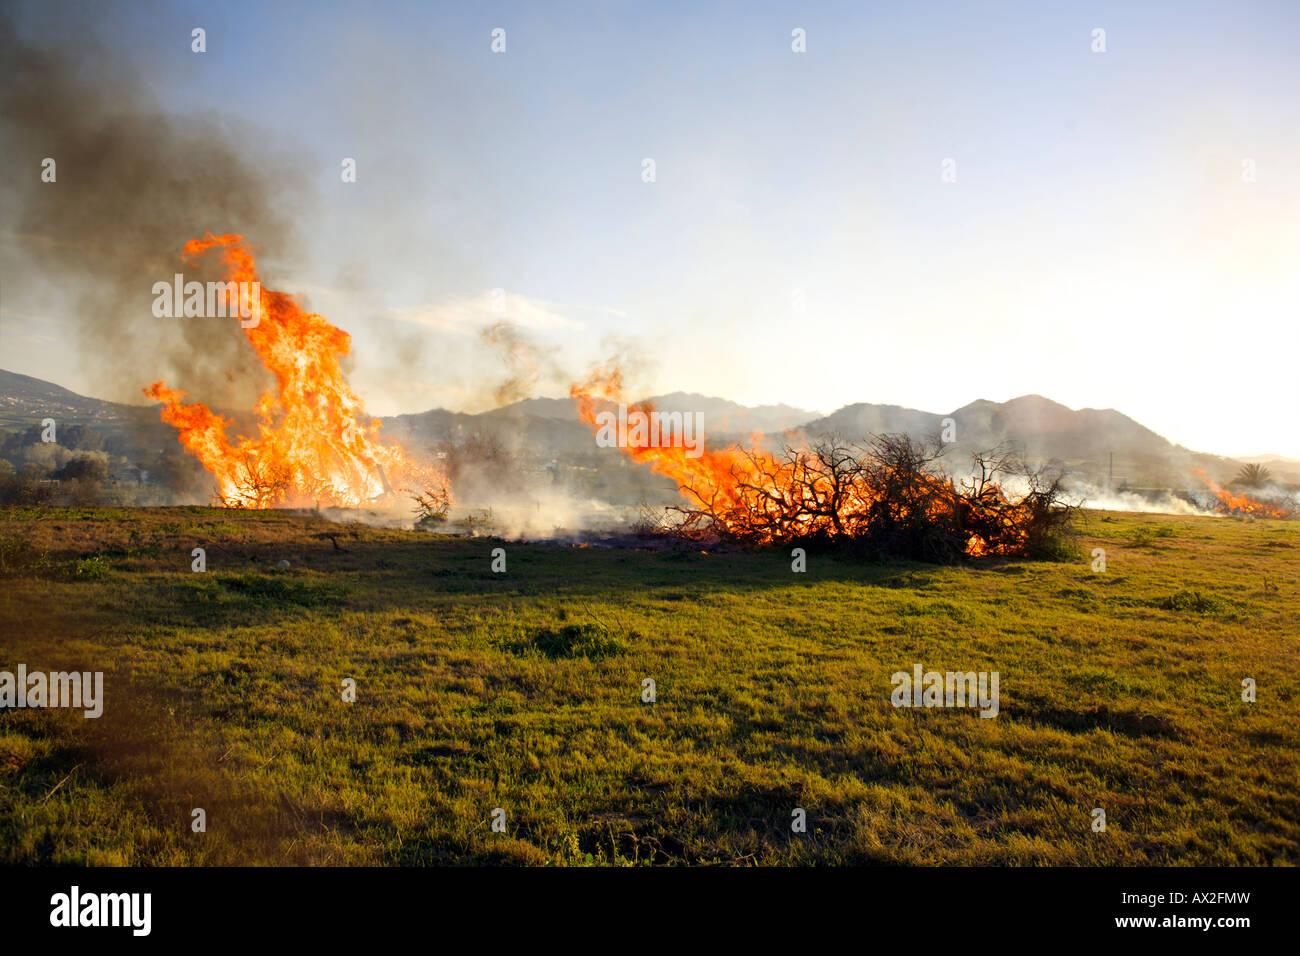 Burning diseased olive trees Cartama, Andalucia, Spain - Stock Image